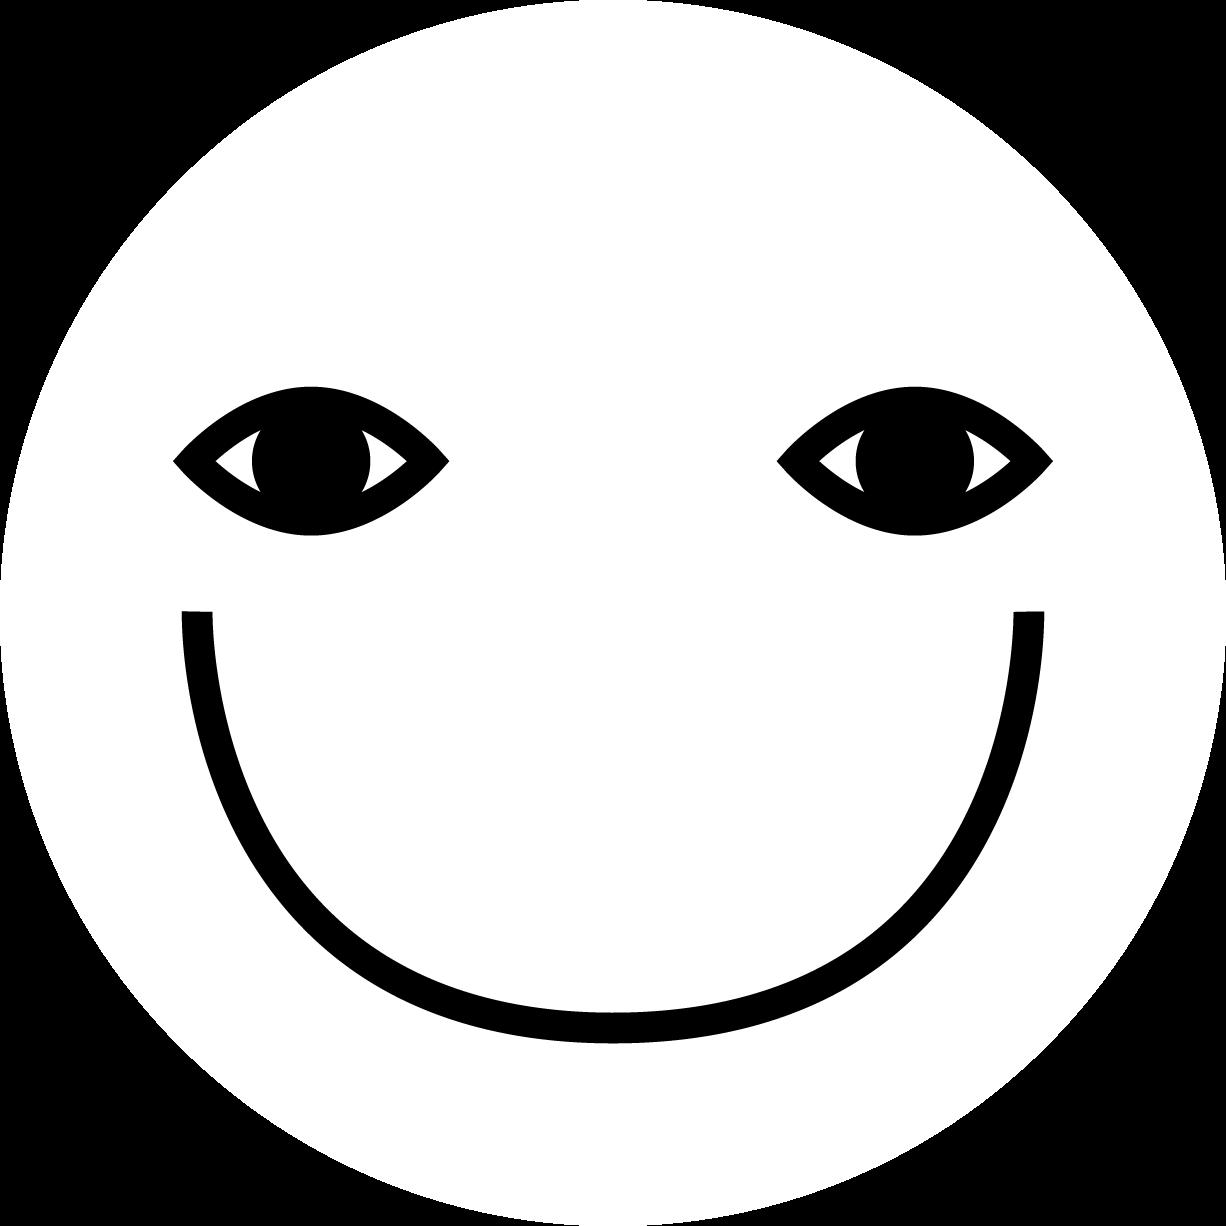 logo_ok_2